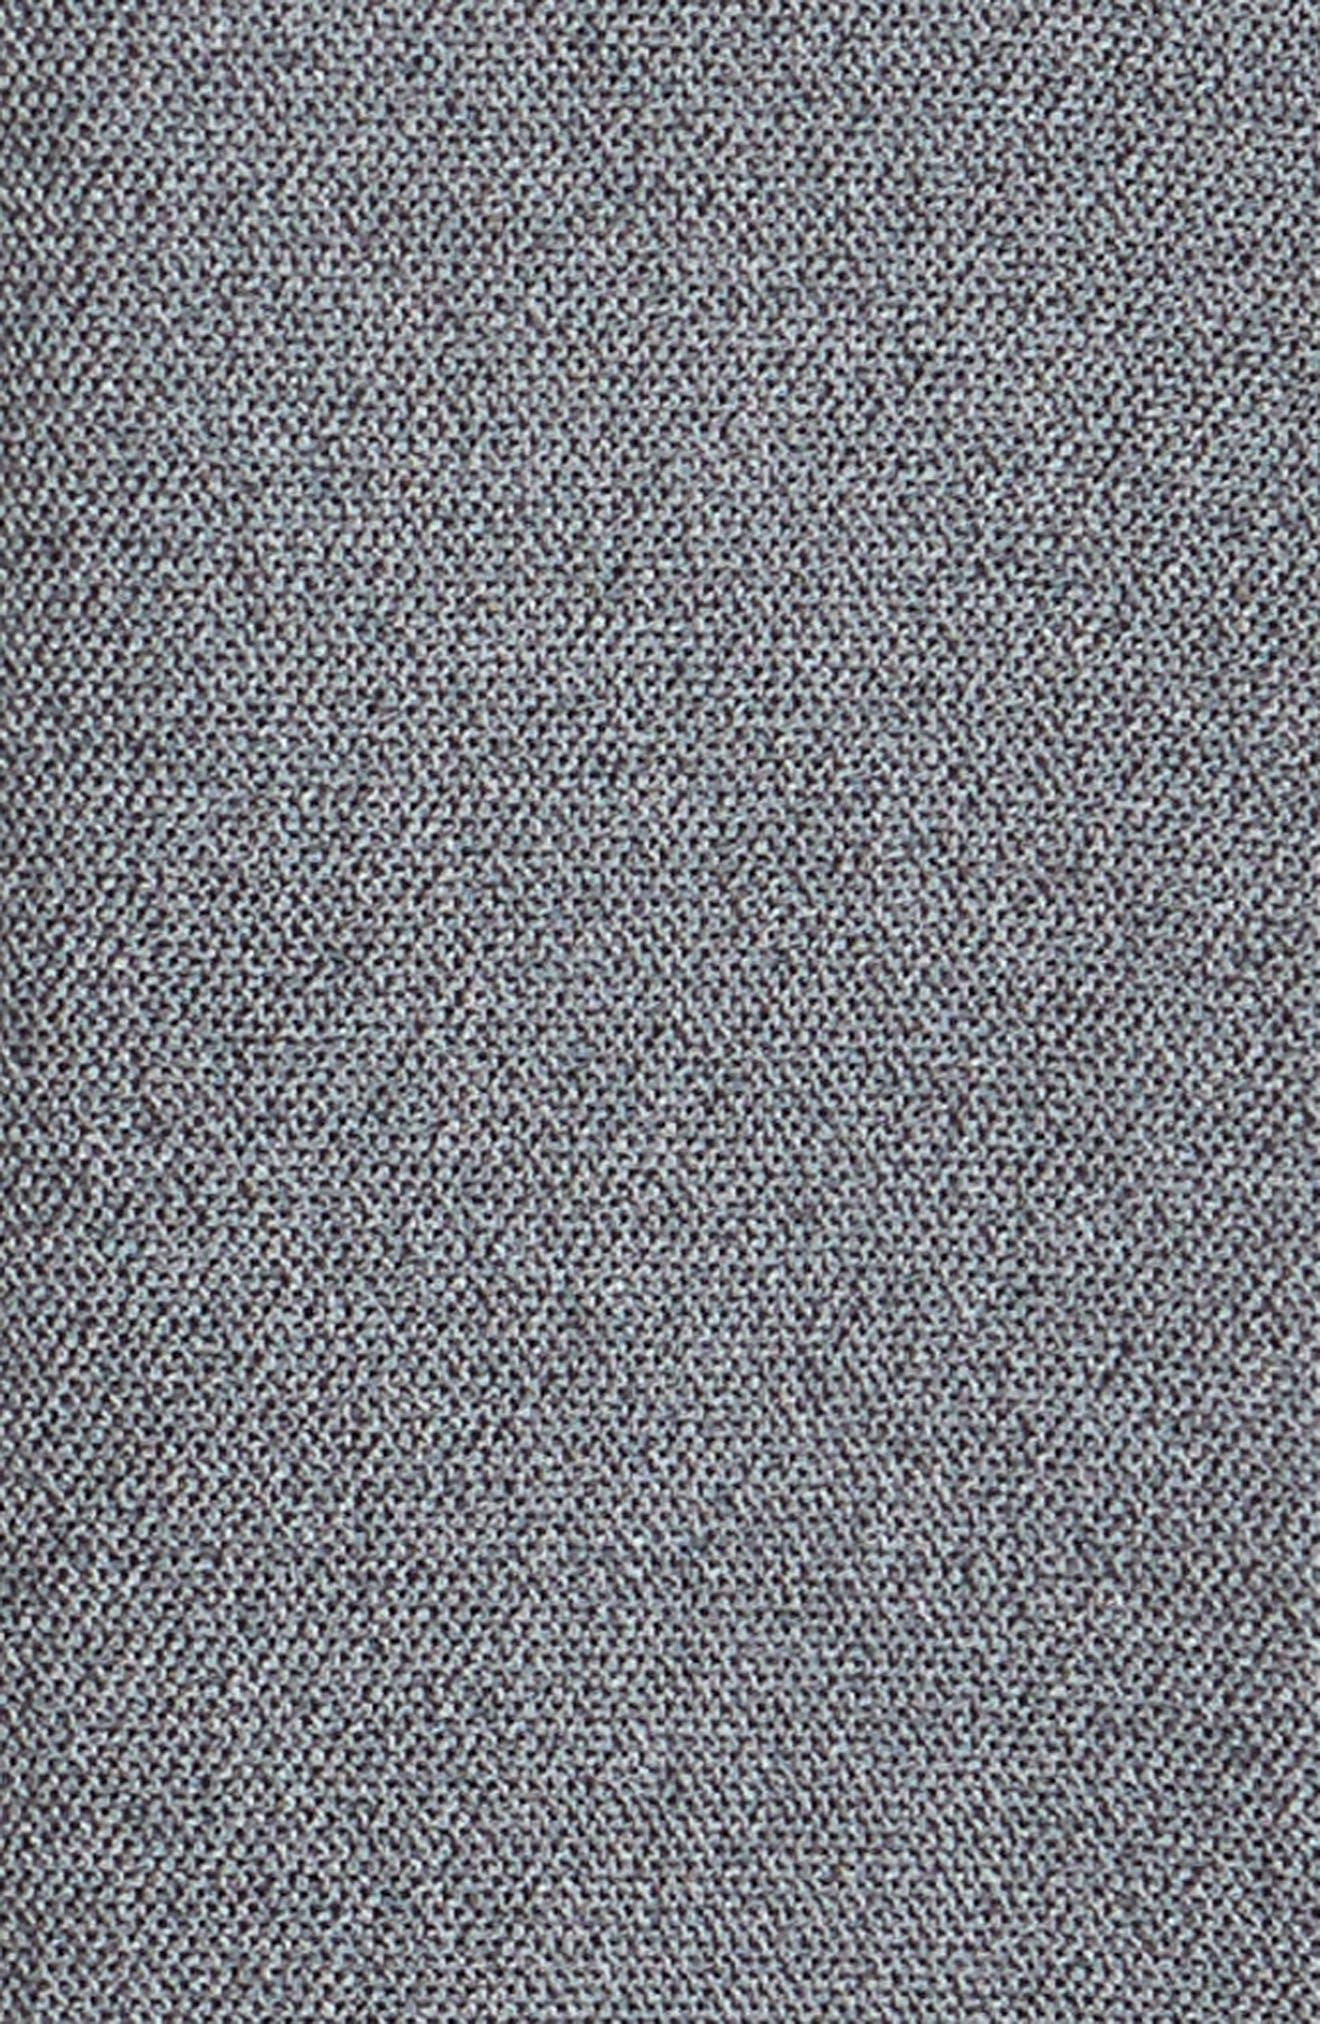 Unbutton Slim Fit Sport Shirt,                             Alternate thumbnail 6, color,                             JASPE TEXTURE - STERLING